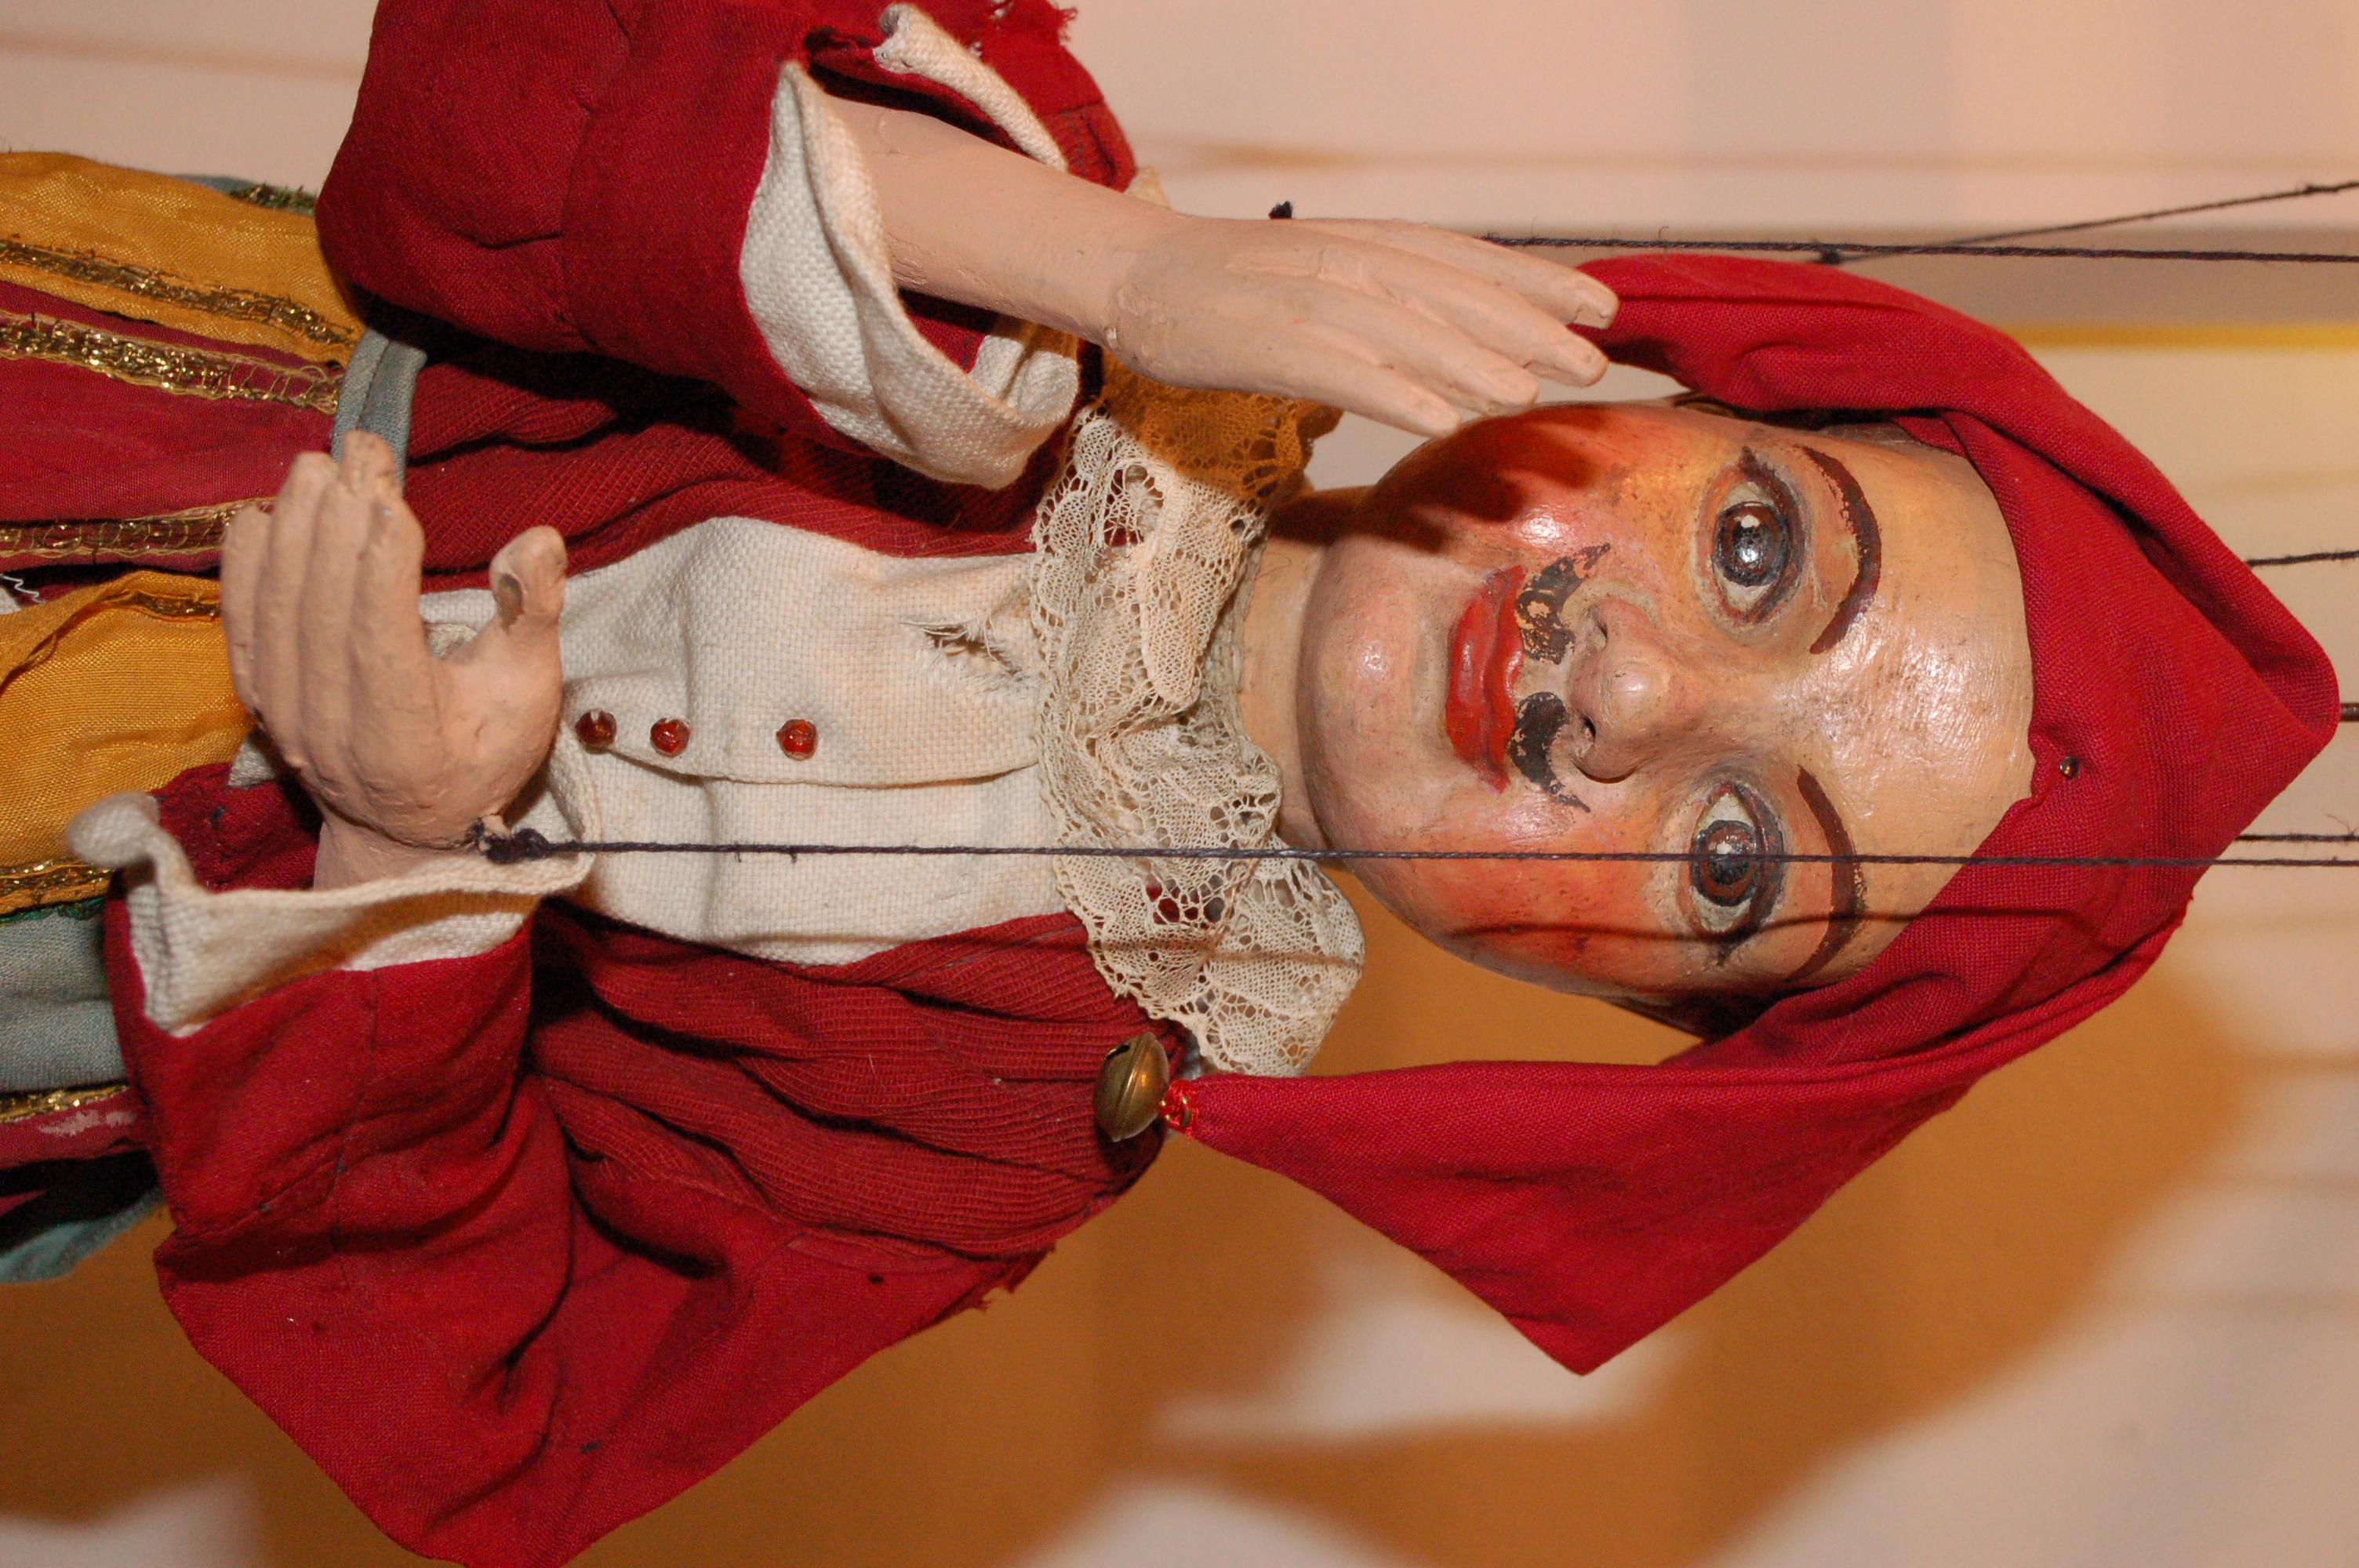 Kašpárek avec une moustache. Marionnette à fils construite en bois et tissu, début du XXe siècle, hauteur : 56 cm, conception : Josef Adámek. Collection : Alena Vorlová (République tchèque). Photo: Kateřina Lešková Dolenská